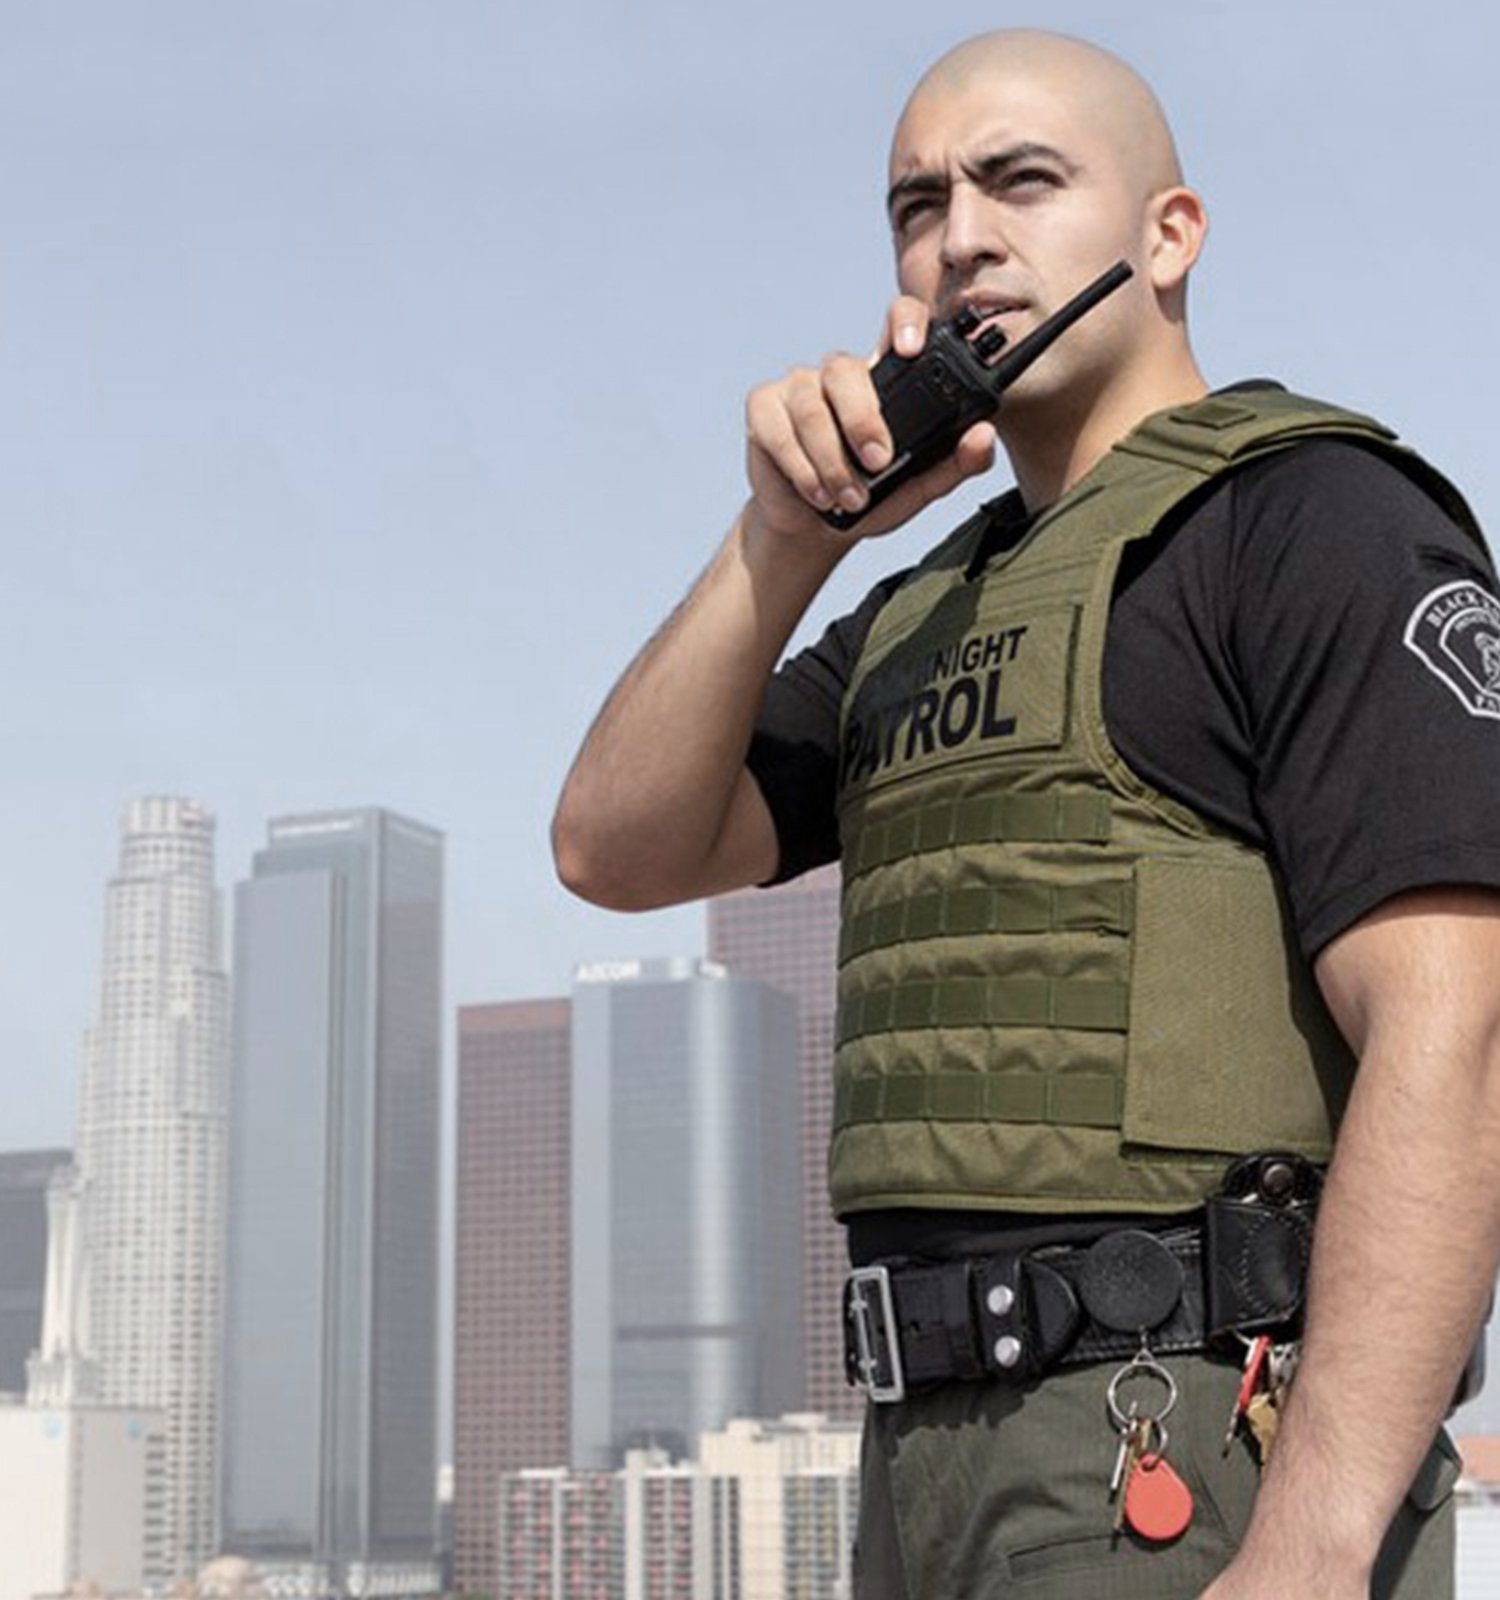 Man wearing safe life defense vest